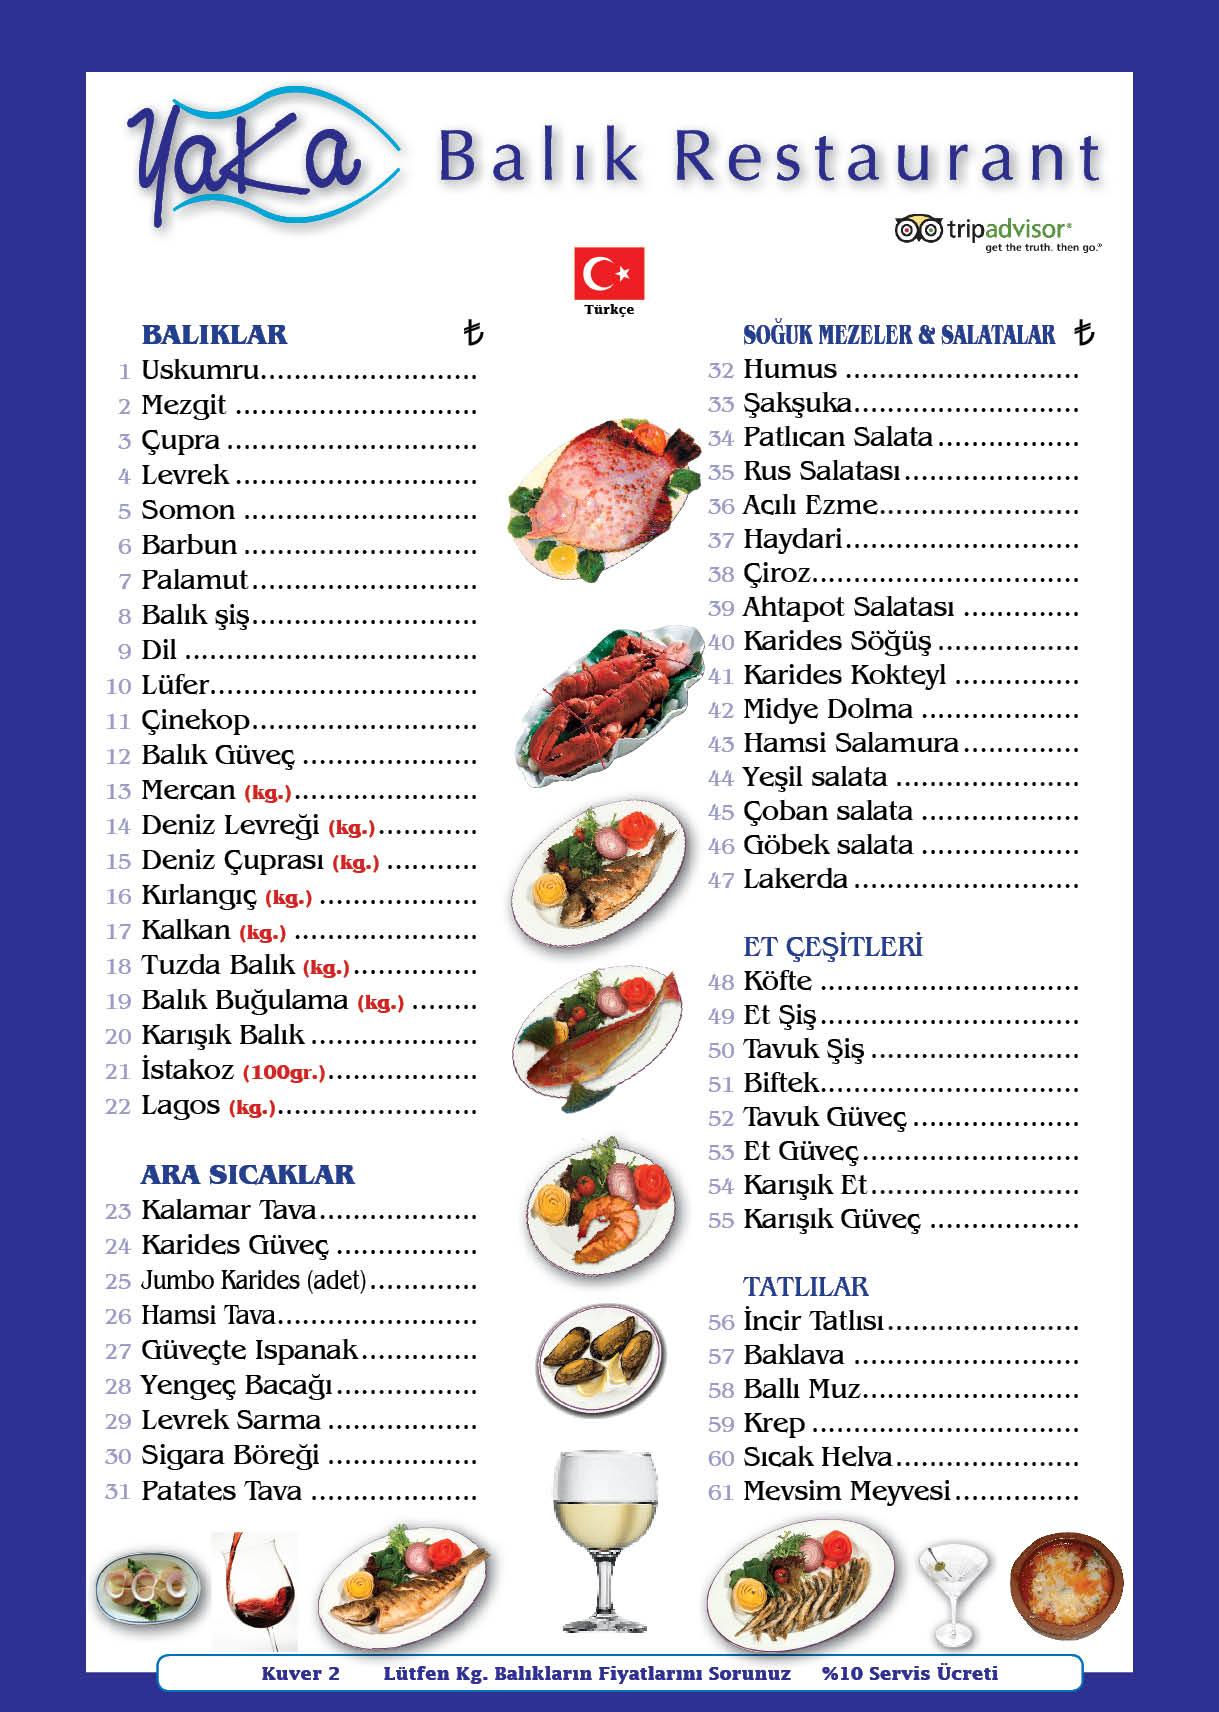 yaka menu